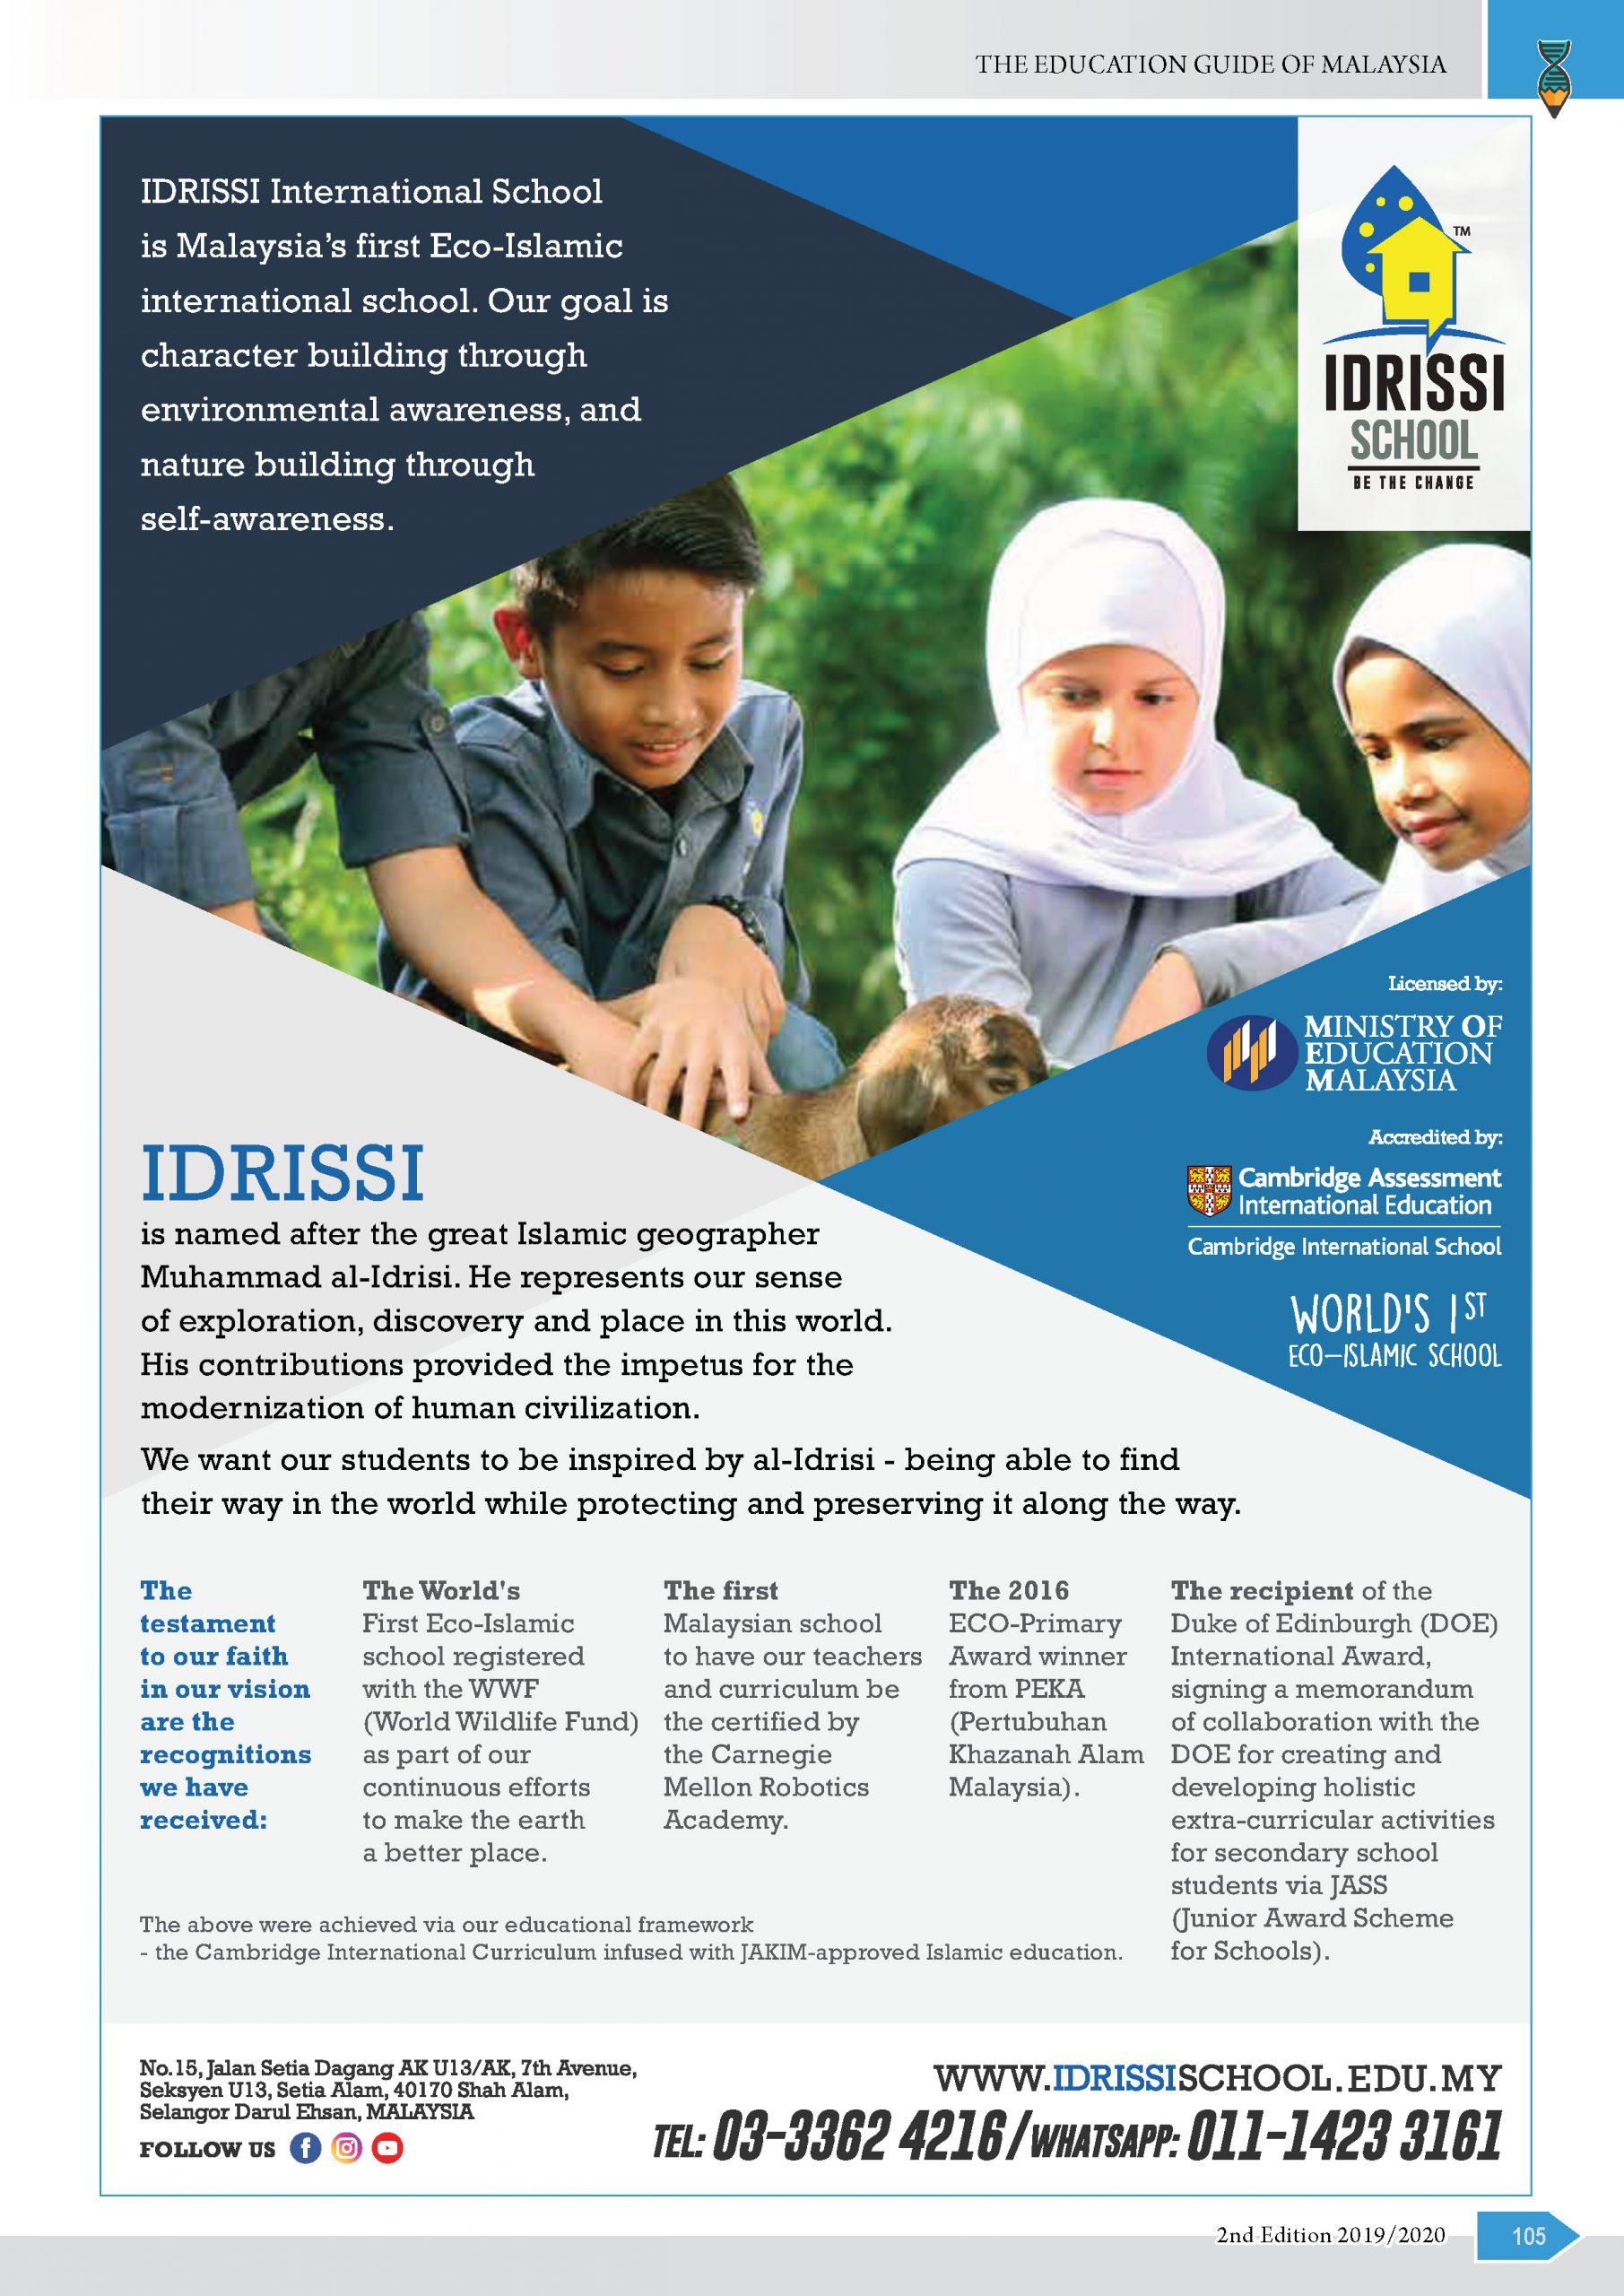 Idrissi International School